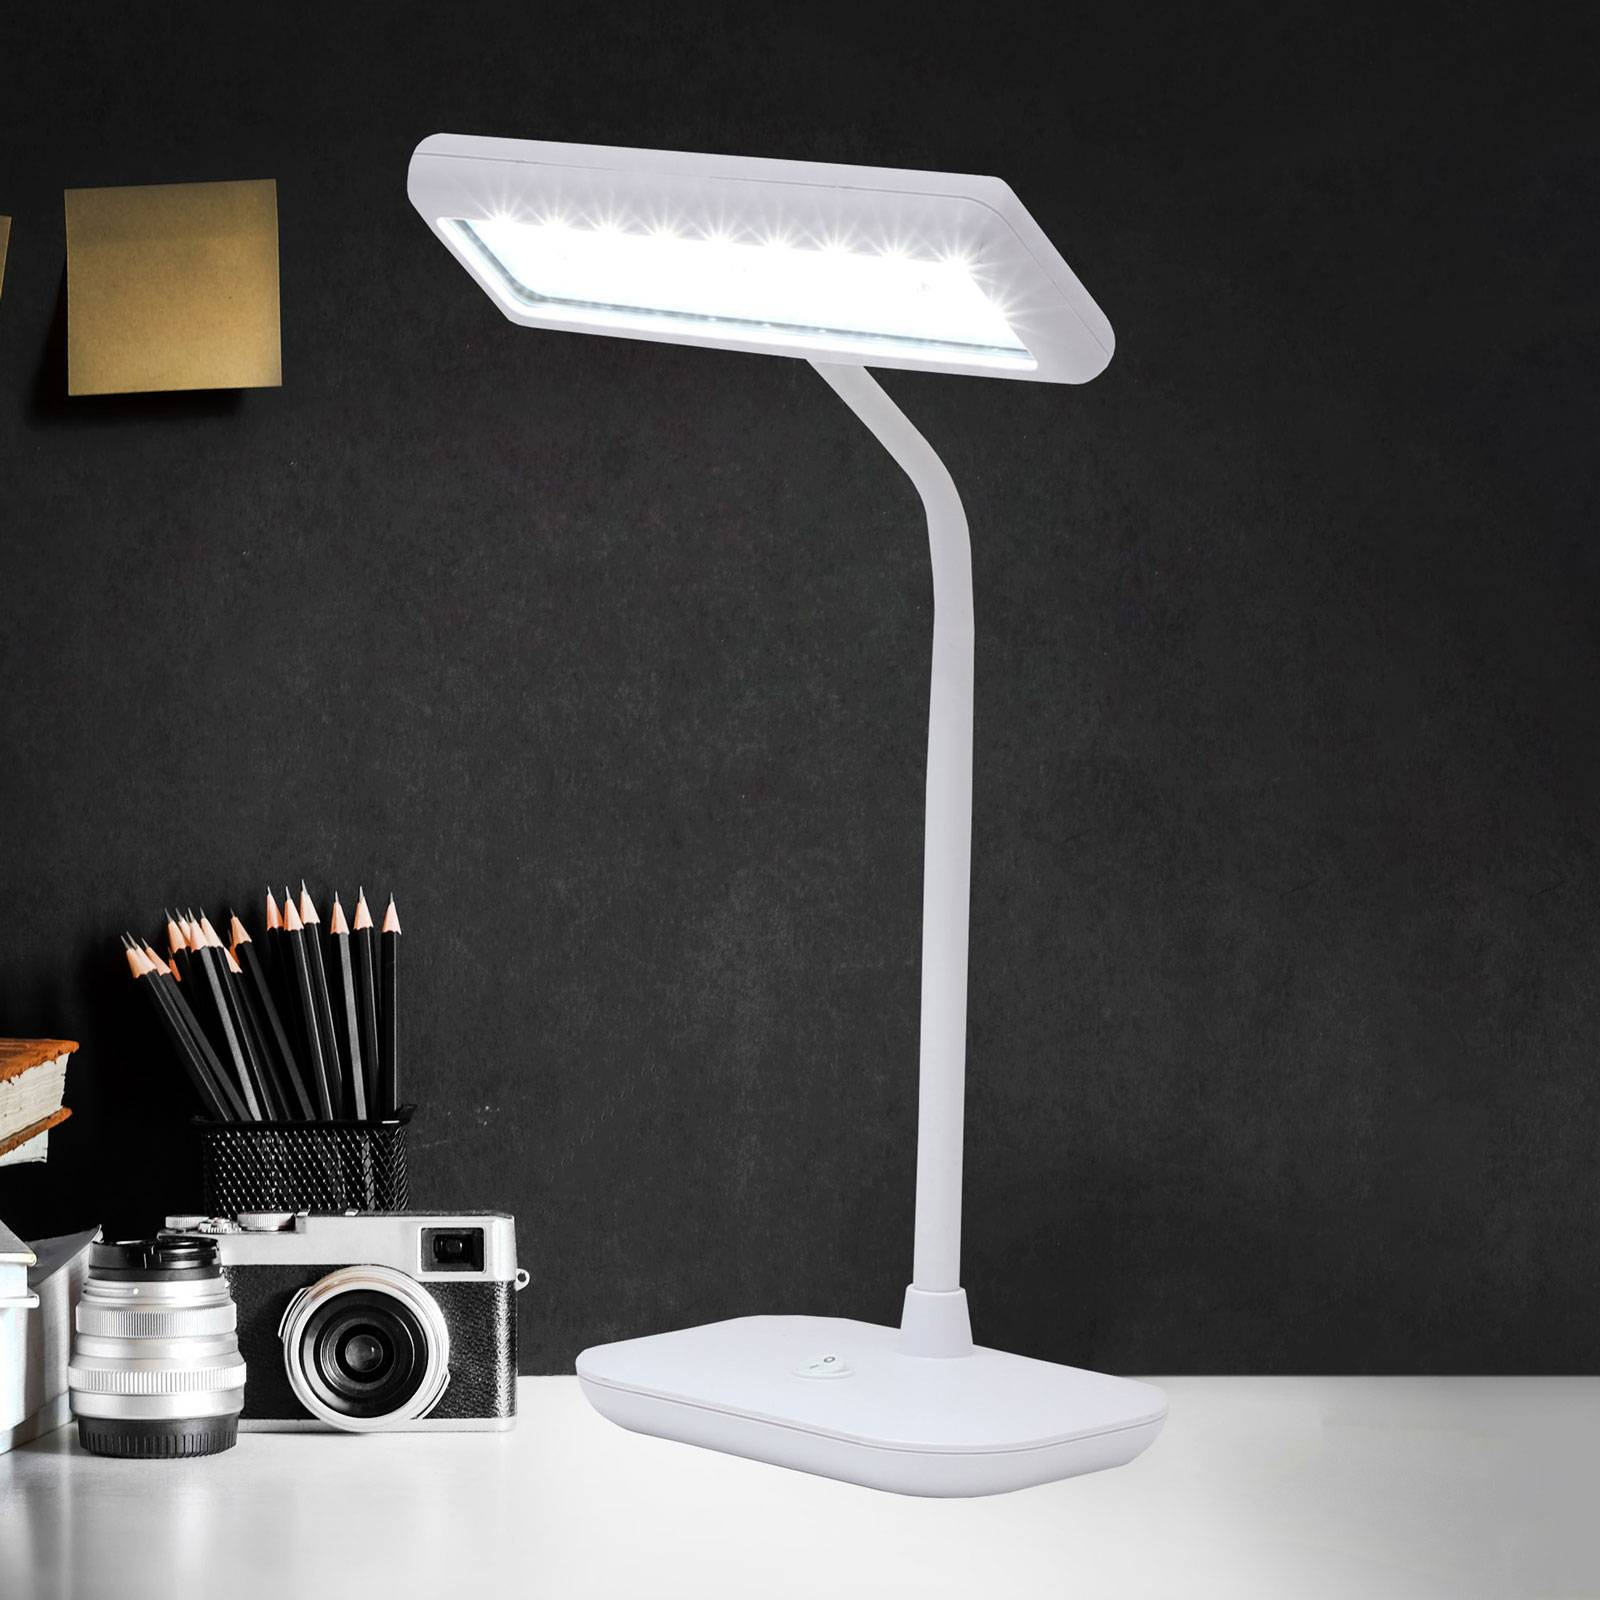 LED-pöytälamppu 7488-016 päivänvalolamppu